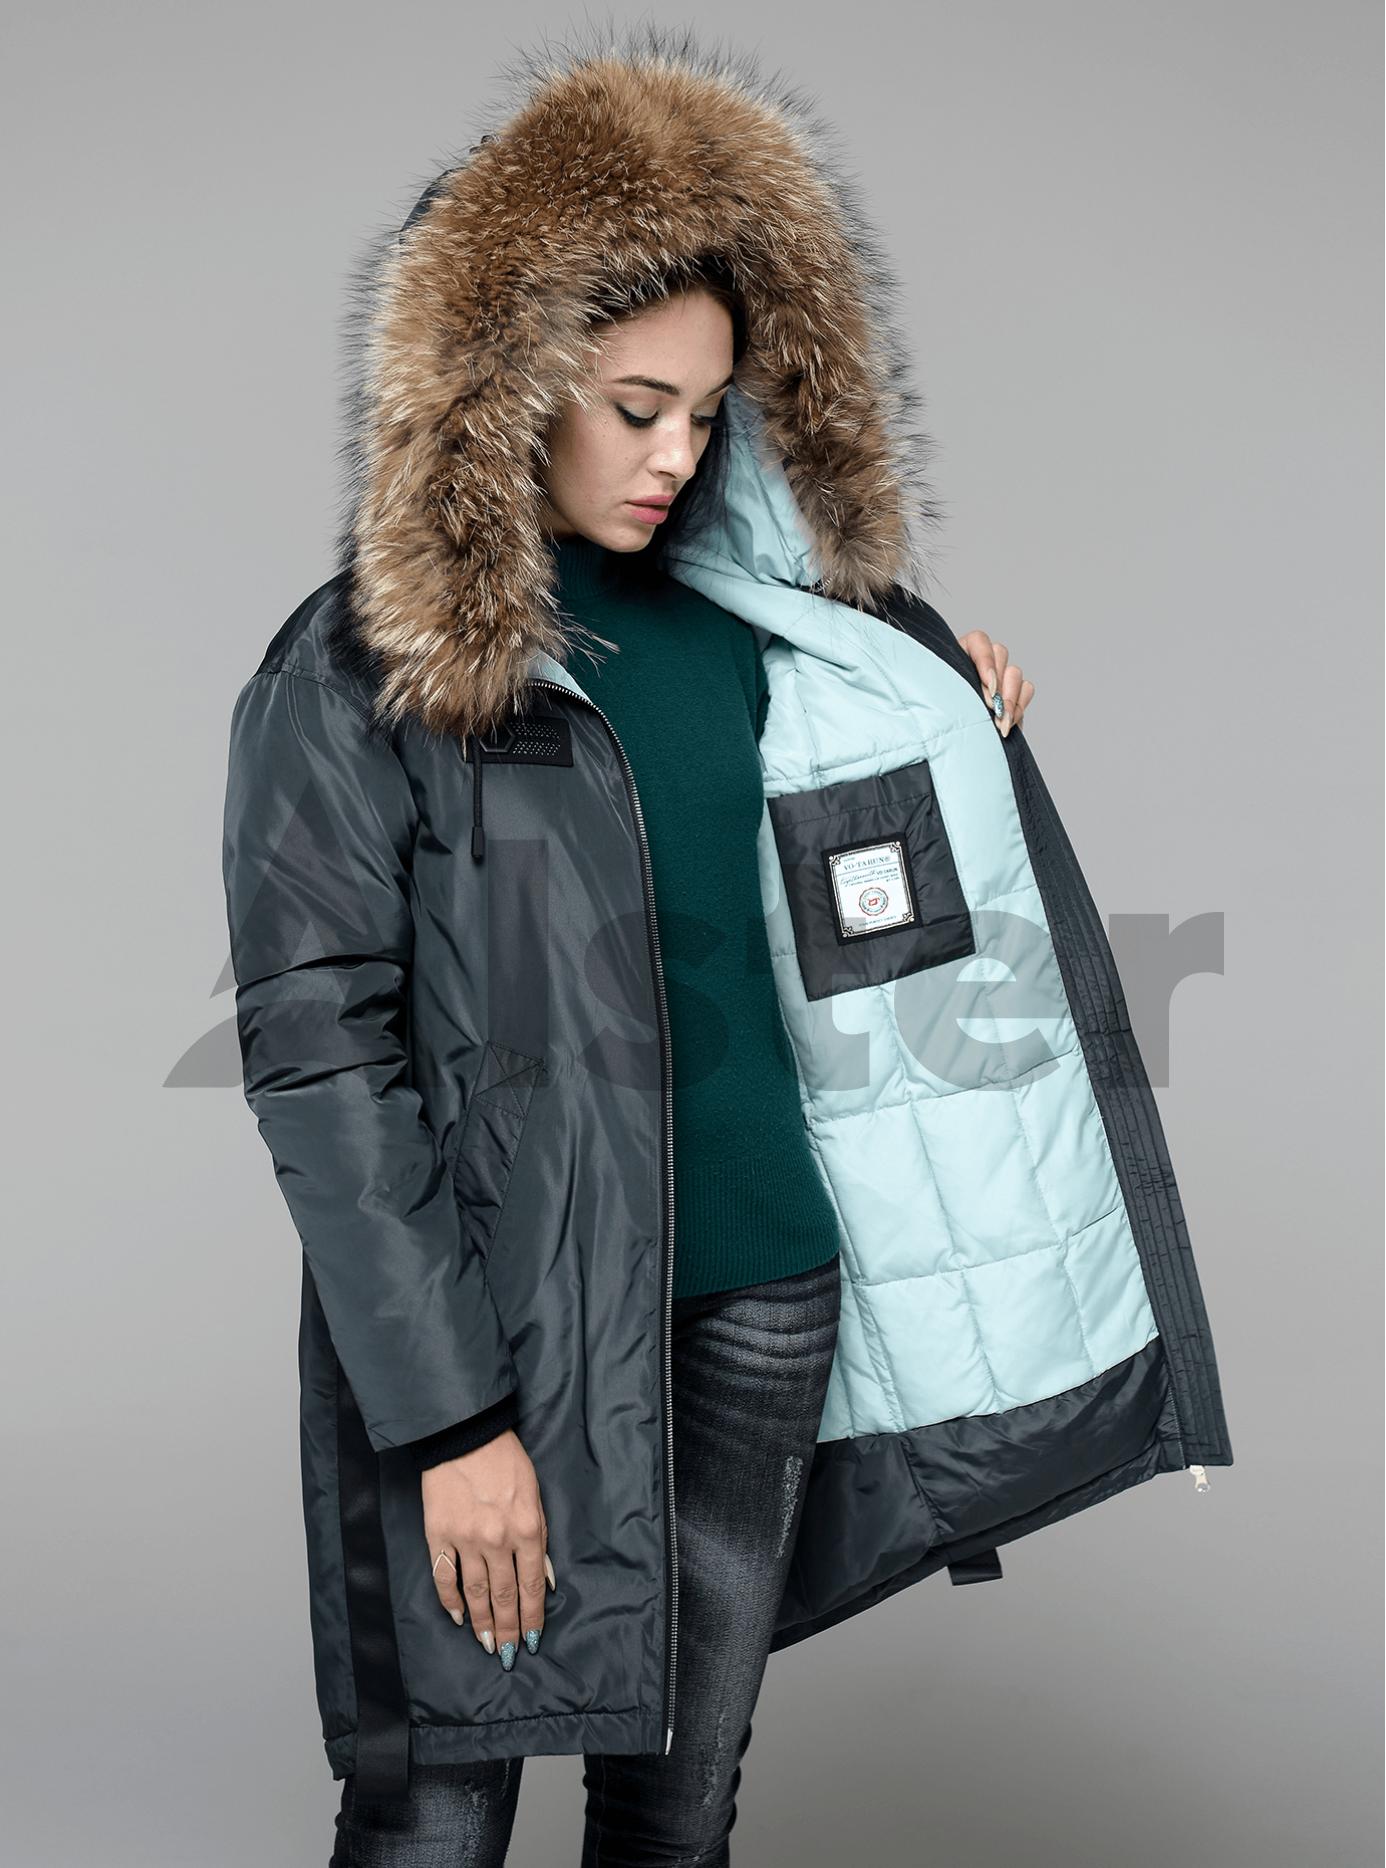 Куртка зимняя длинная с поясом на спине и мехом енота Серо-синий M (05-V191238): фото - Alster.ua